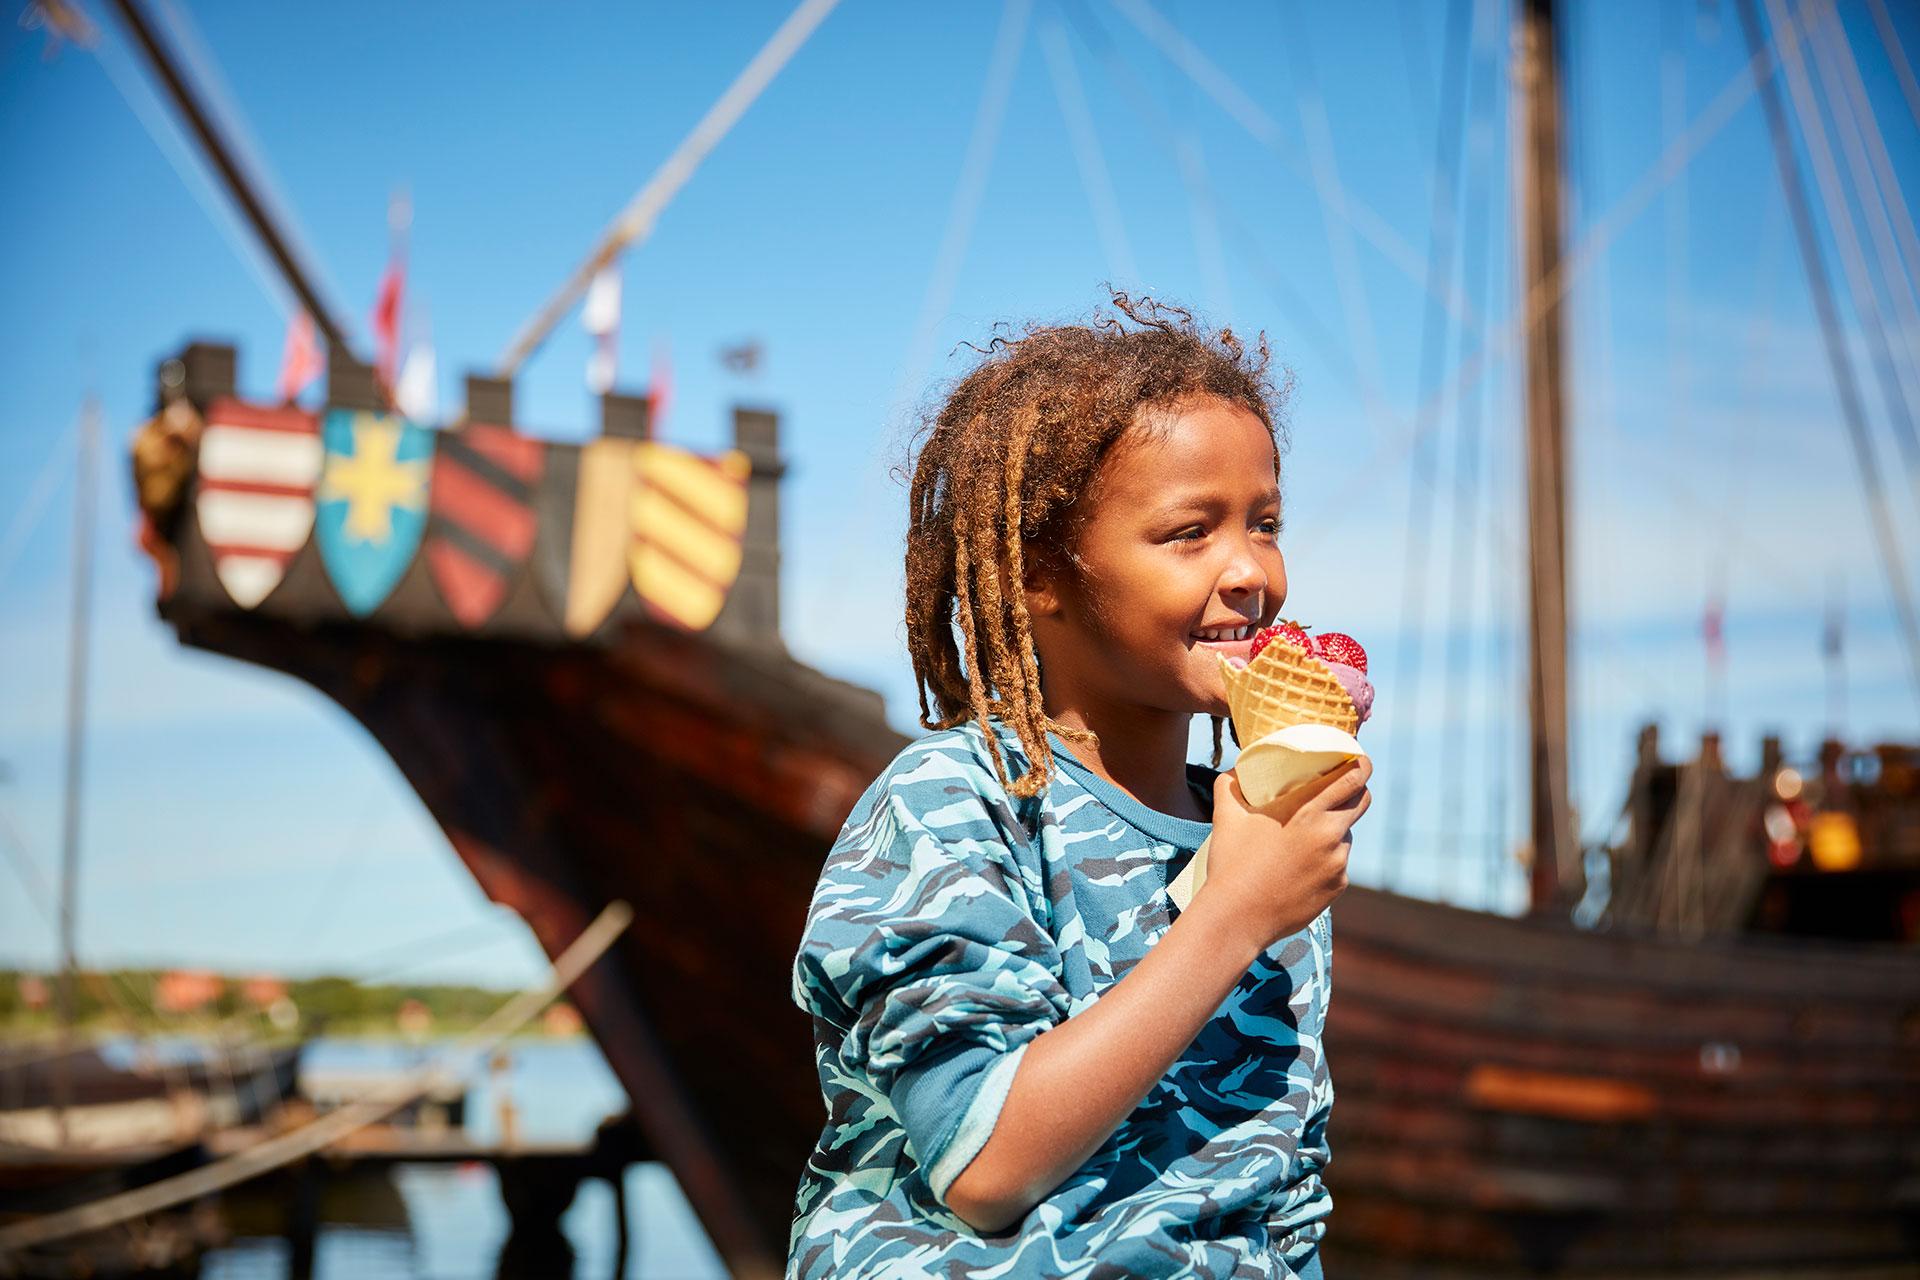 Barn som äter glass på Frösåkers brygga i Västerås. Fotograf: BildeN